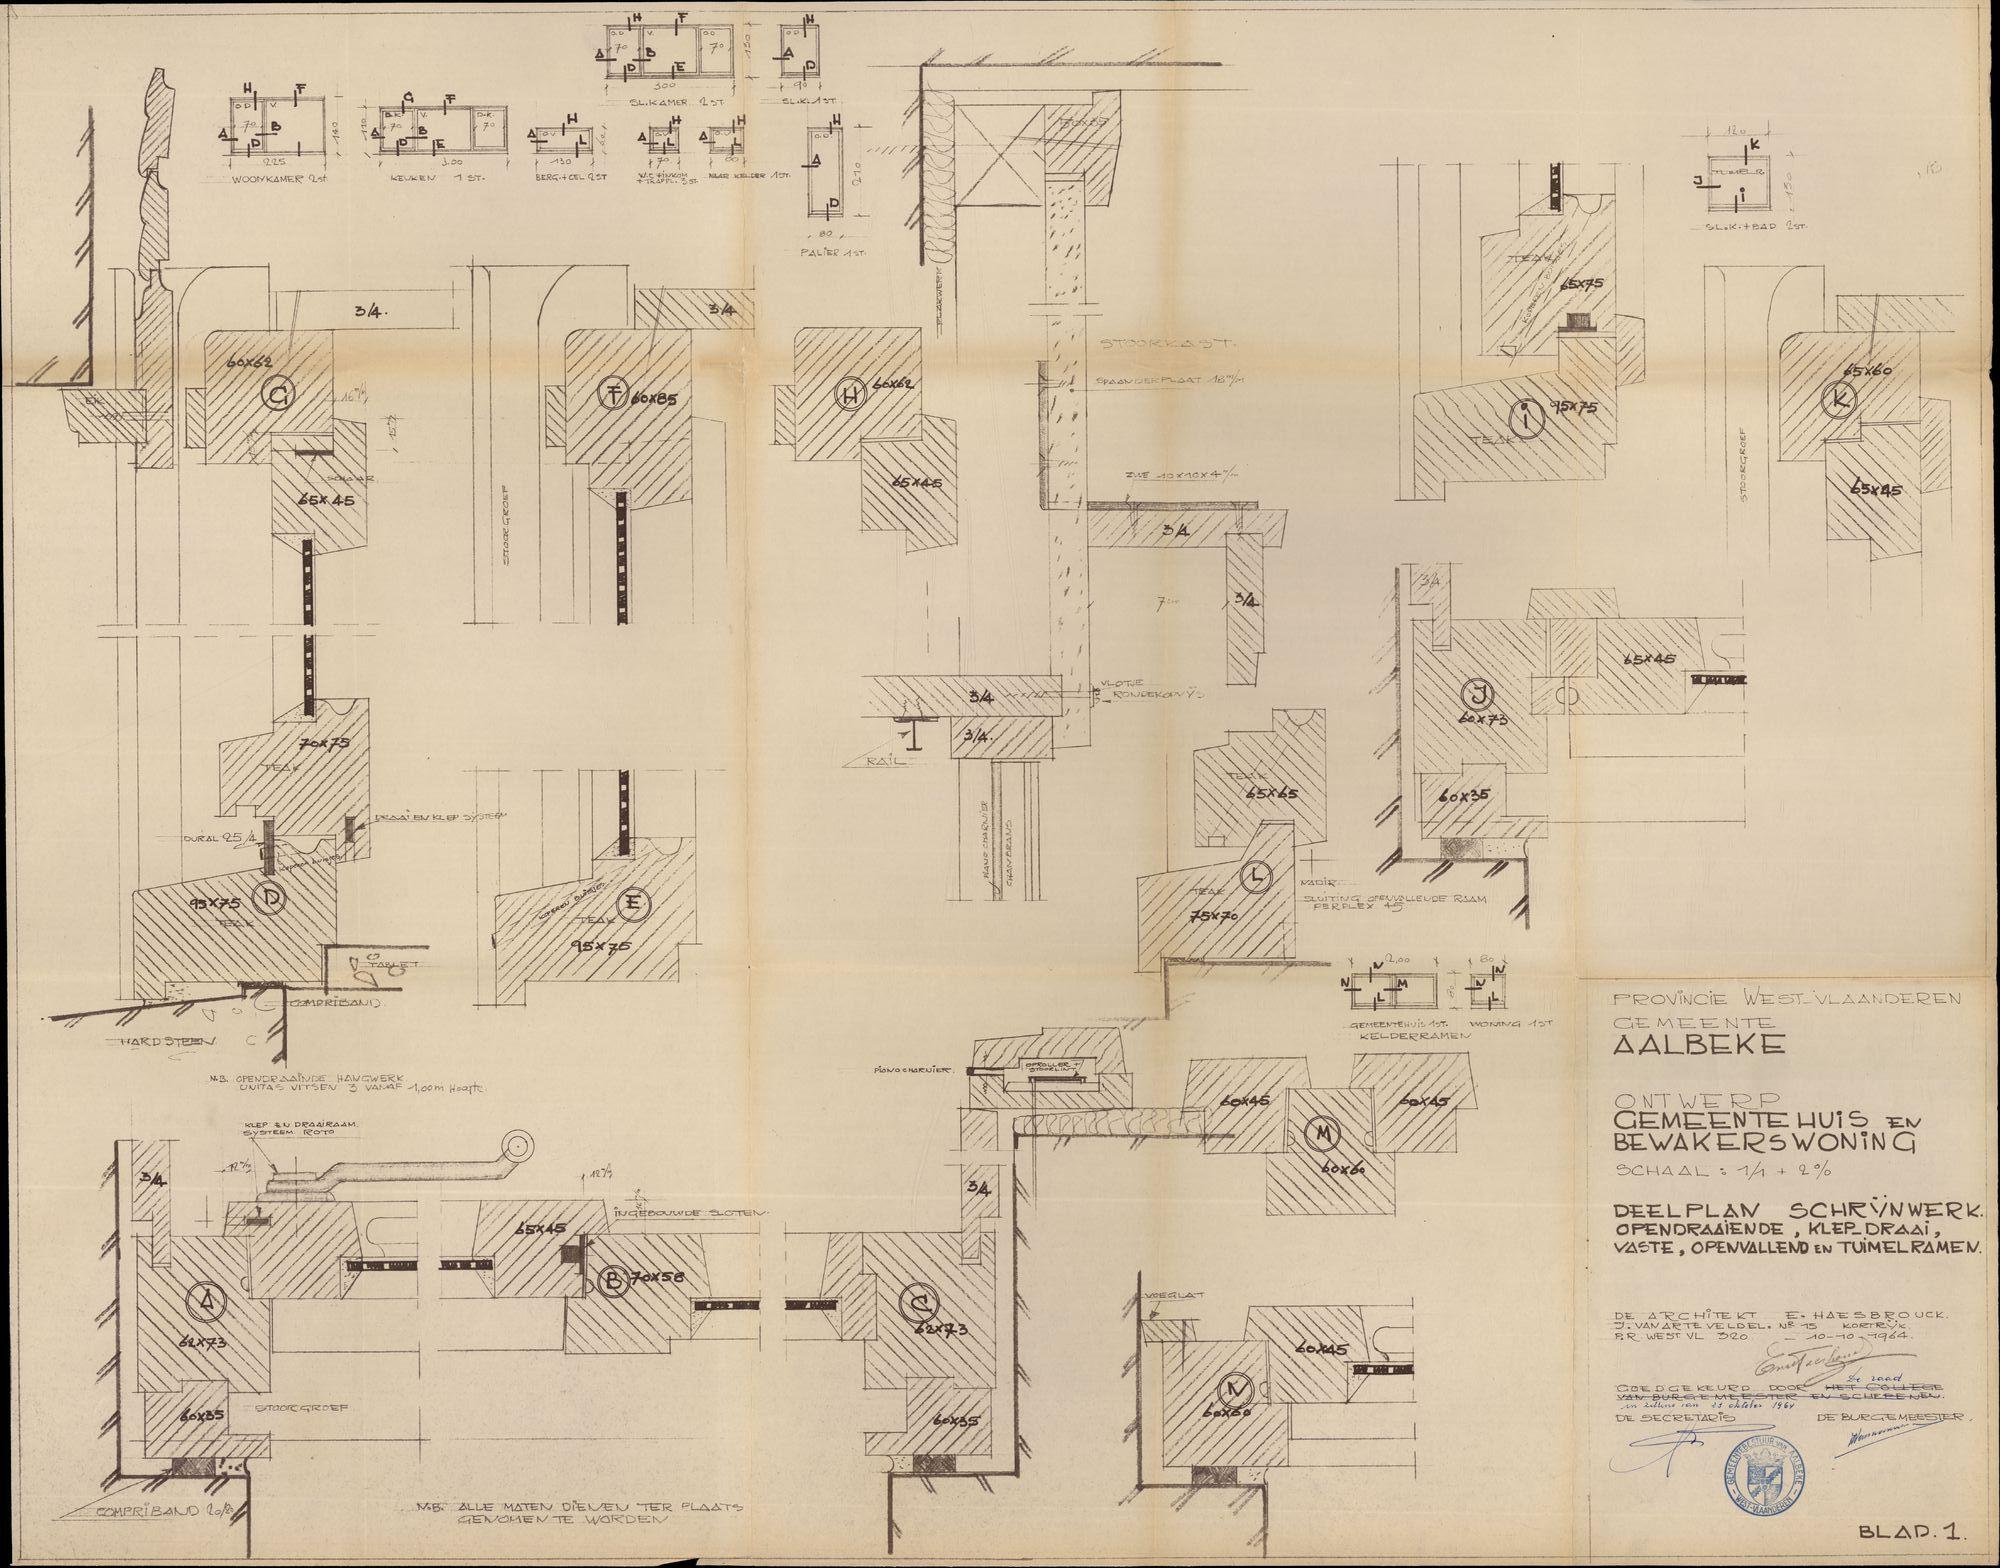 Bouwplannen voor een nieuw gemeentehuis te Aalbeke, 1964